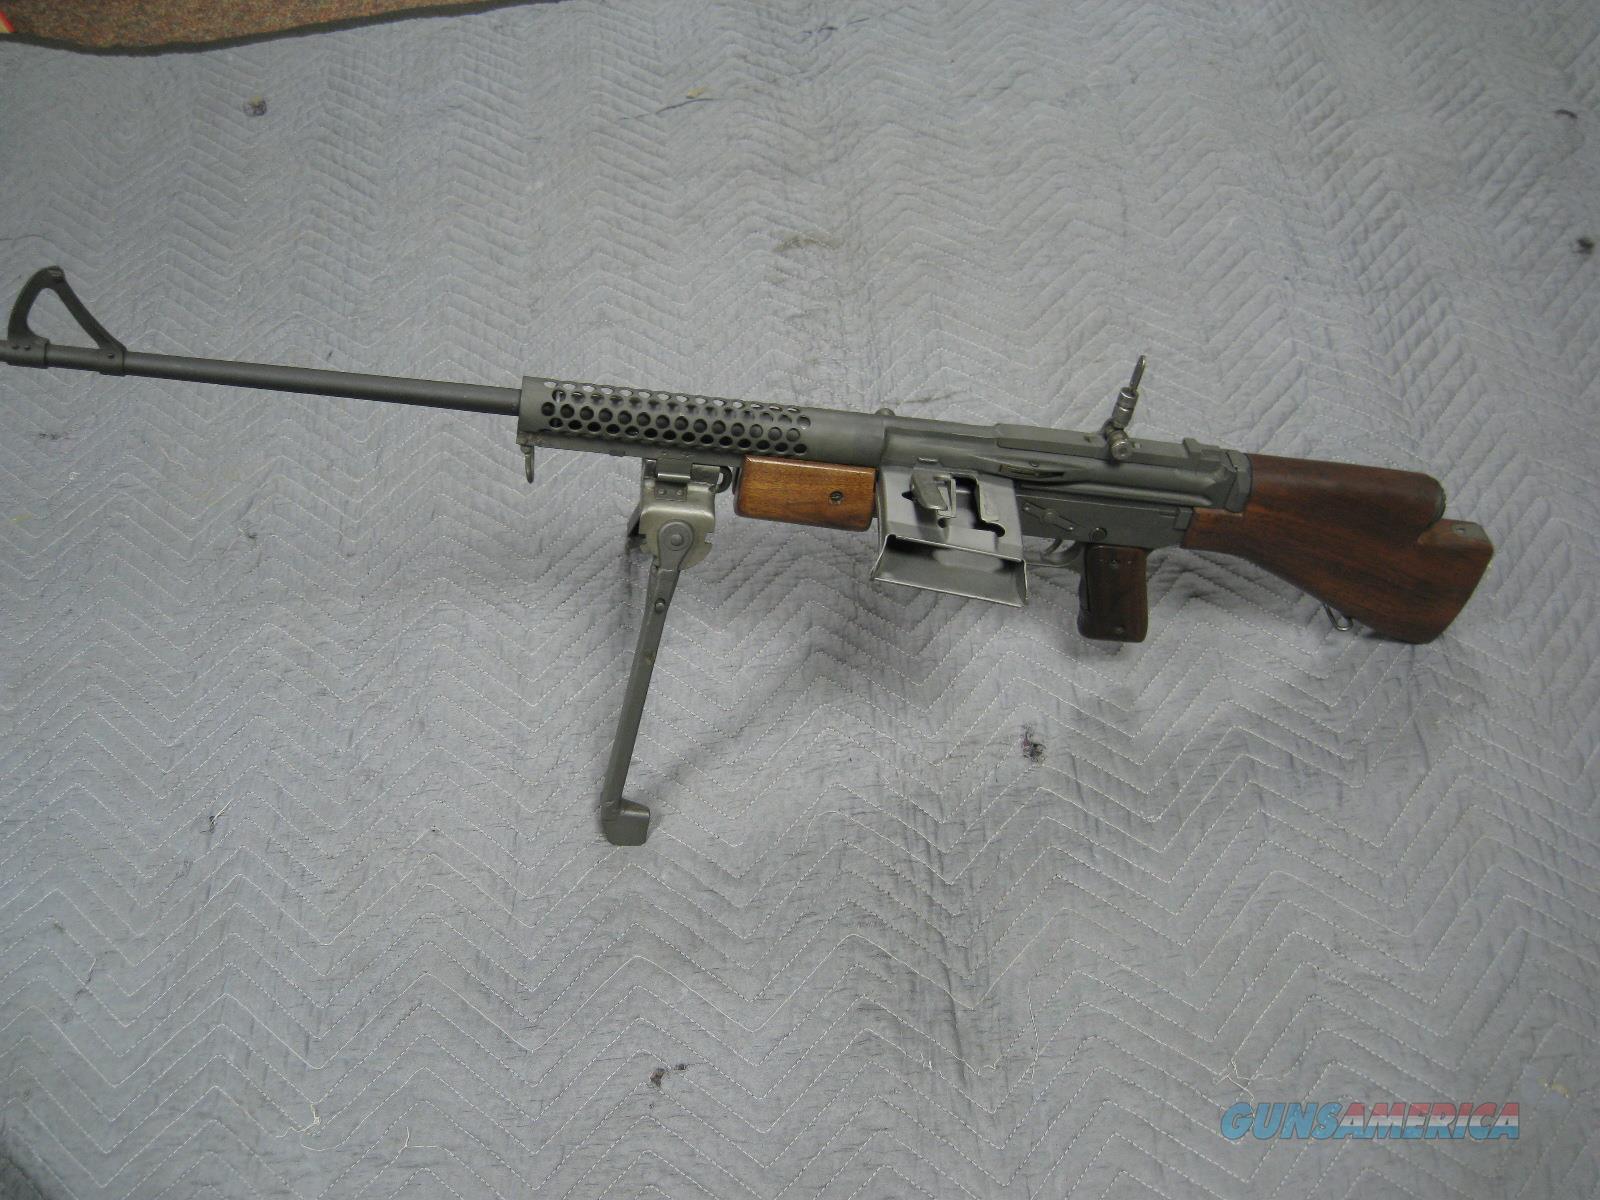 1941 Johnson m1941 Light machine gun (semi-auto)